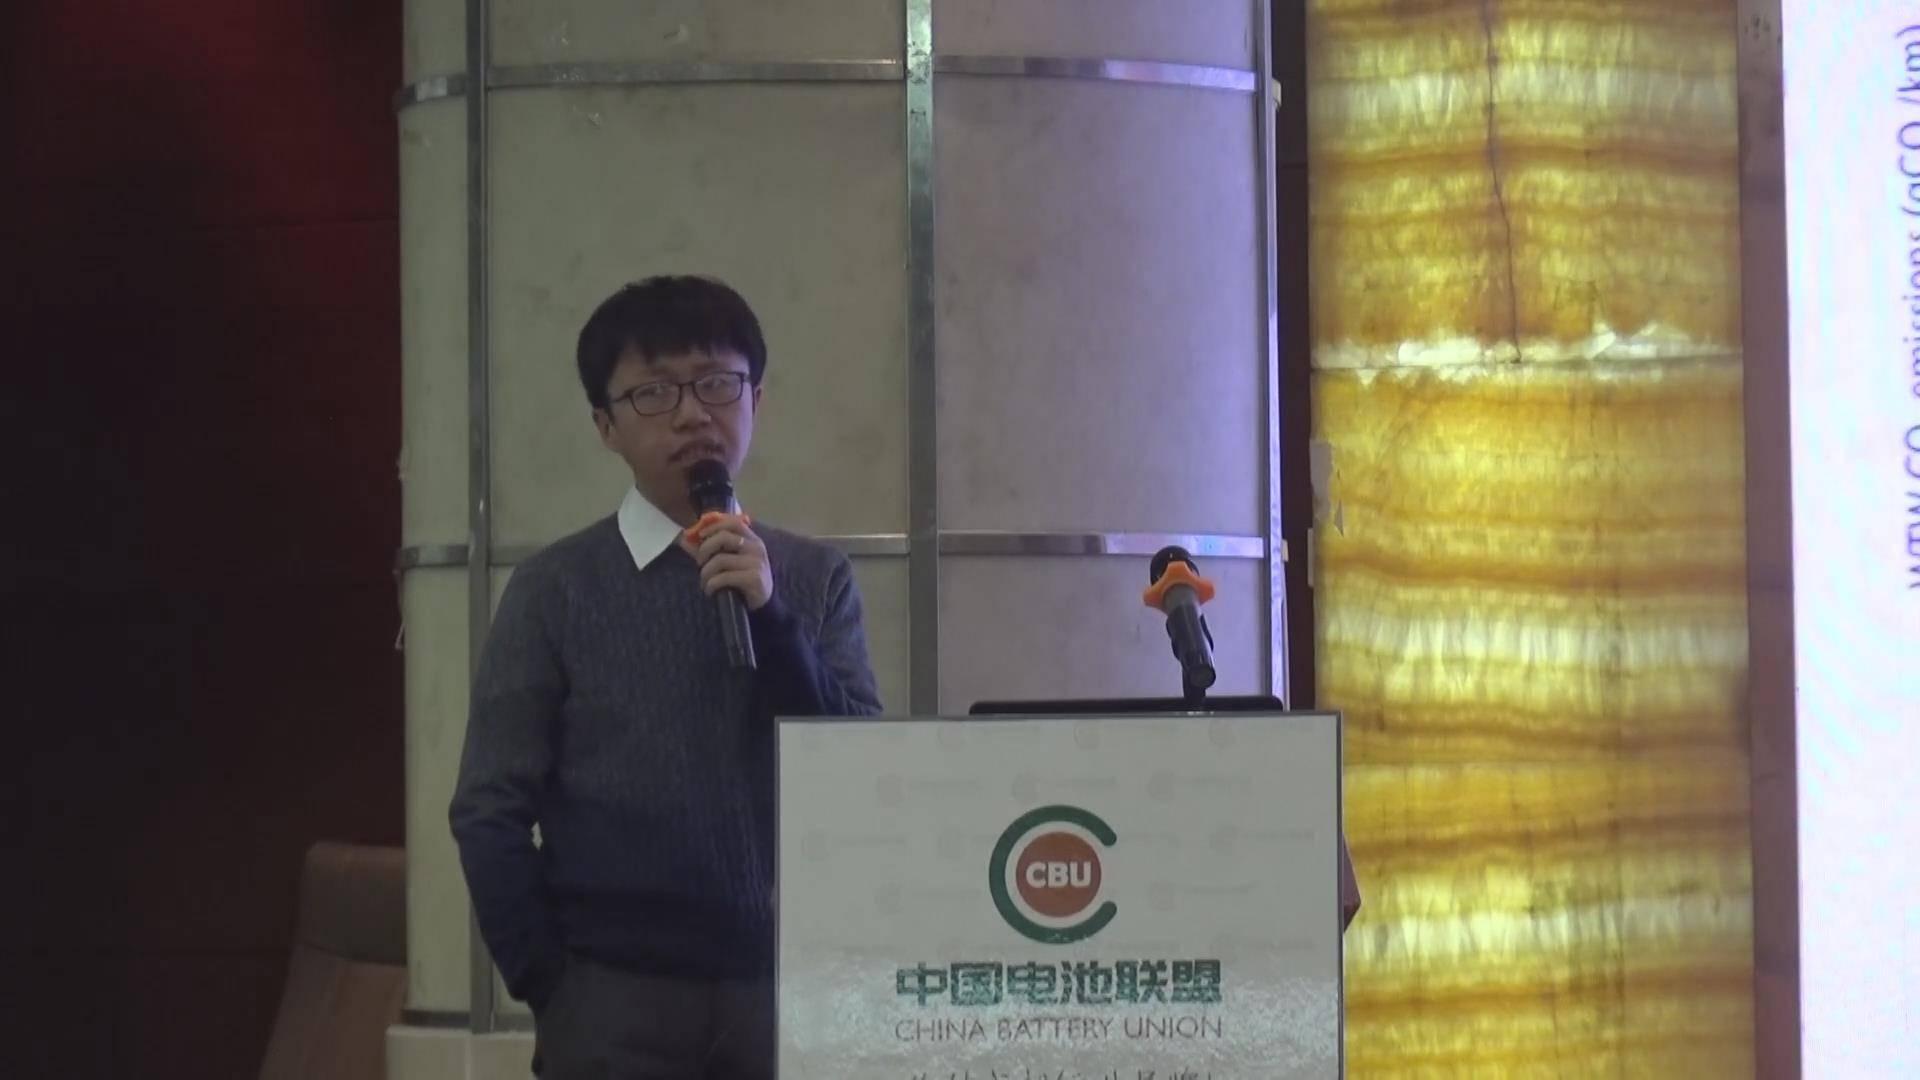 刘坚:中国氢能发展现状、问题与前景展望